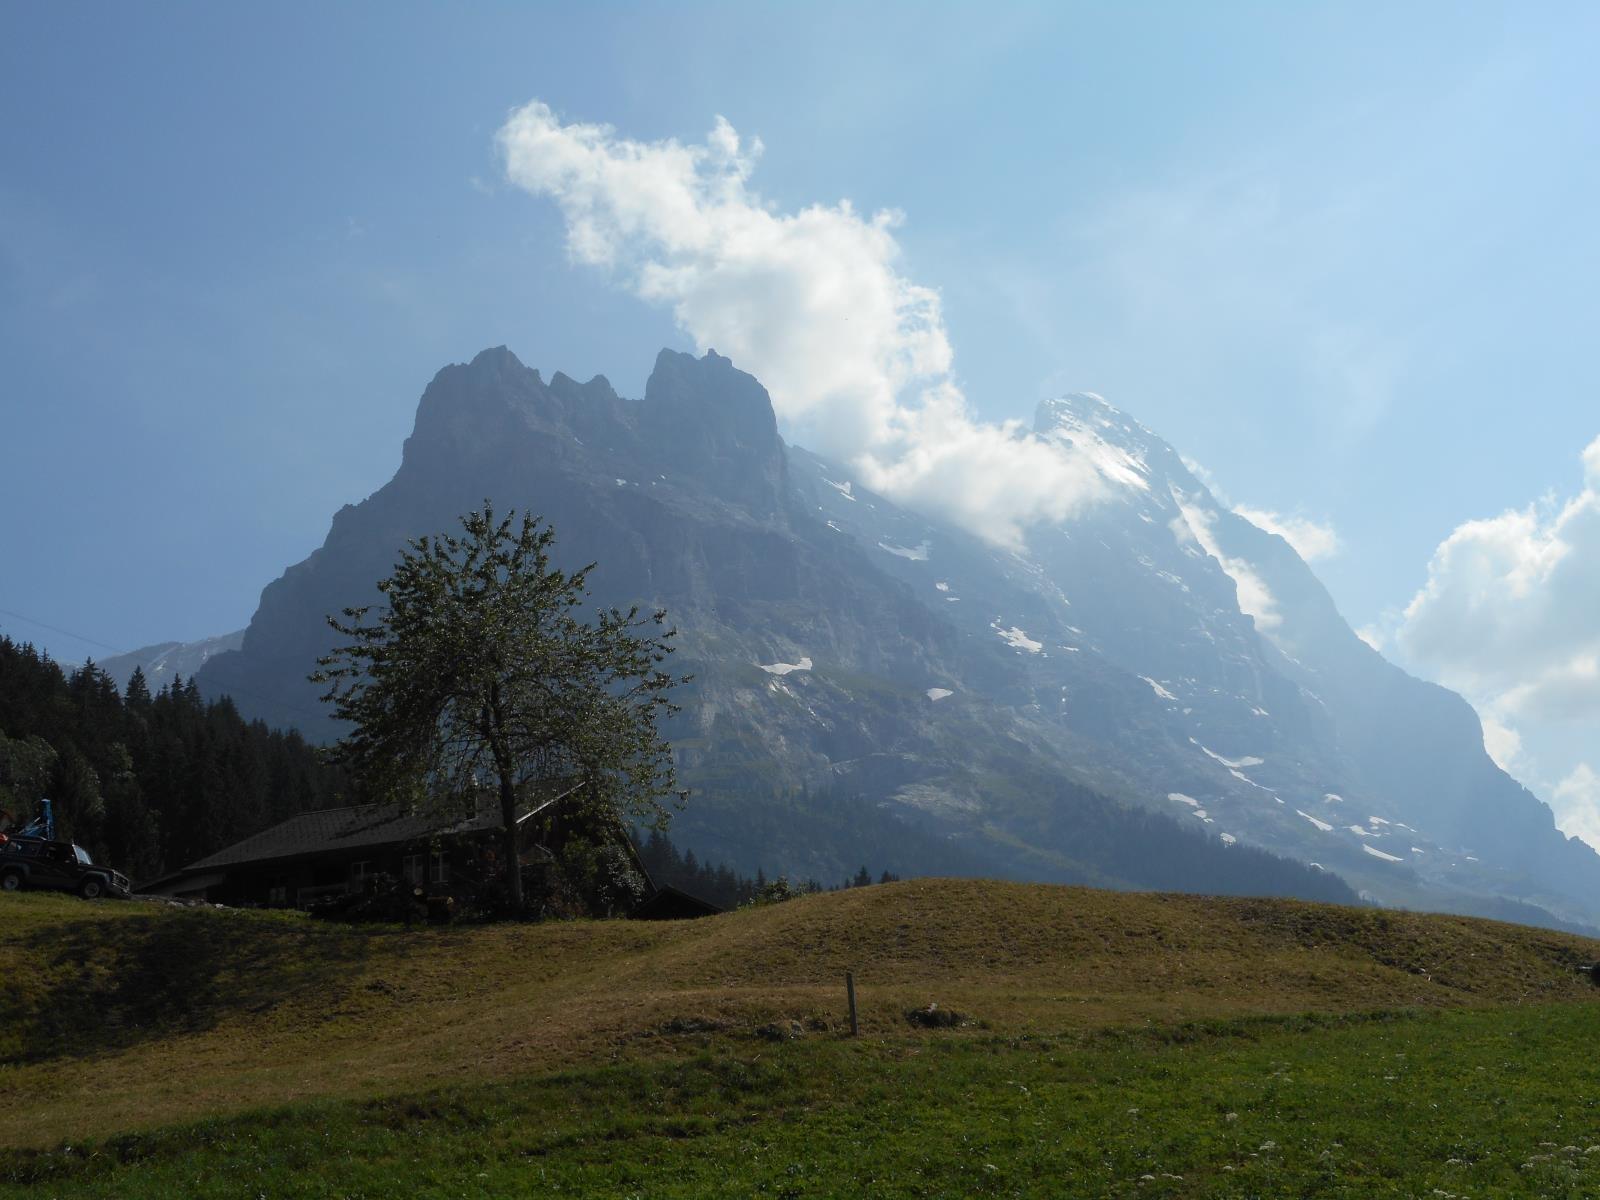 Vue plein ouest sur la paroi de l'Eiger depuis les faubourgs de Grindelwald